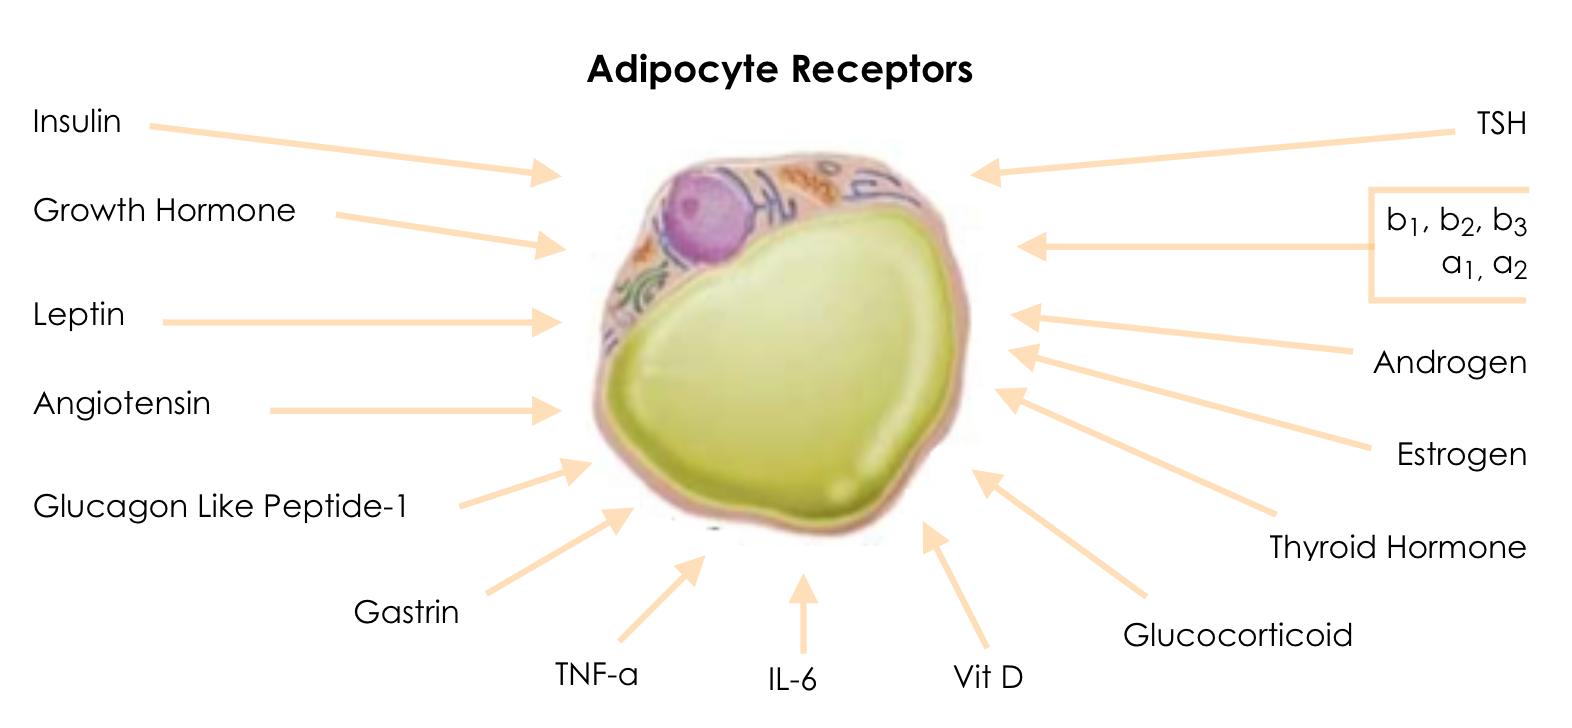 """adipose-receptors """"width ="""" 451 """"height ="""" 209 """"srcset ="""" https://www.zenergies-nature-sante.fr/wp-content/uploads/2019/12/adipose-receptors.png 1572w, https: // www. kinesiologyconcepts.com/wp-content/uploads/2016/01/adipose-receptors-416x193.png 416w """"values ="""" (max-width: 451px) 100vw, 451px """"/></p></noscript><p>Le cours Metabolic BioMarkers examine 12 sites spécifiques en corrélation avec le tissu adipeux (cellules adipeuses) en tant qu'organe métabolique et endocrinien complexe, essentiel et hautement actif. Cela comprend une compréhension des schémas individuels de répartition des graisses et de leurs associations liées à la santé.</p><p><img class="""